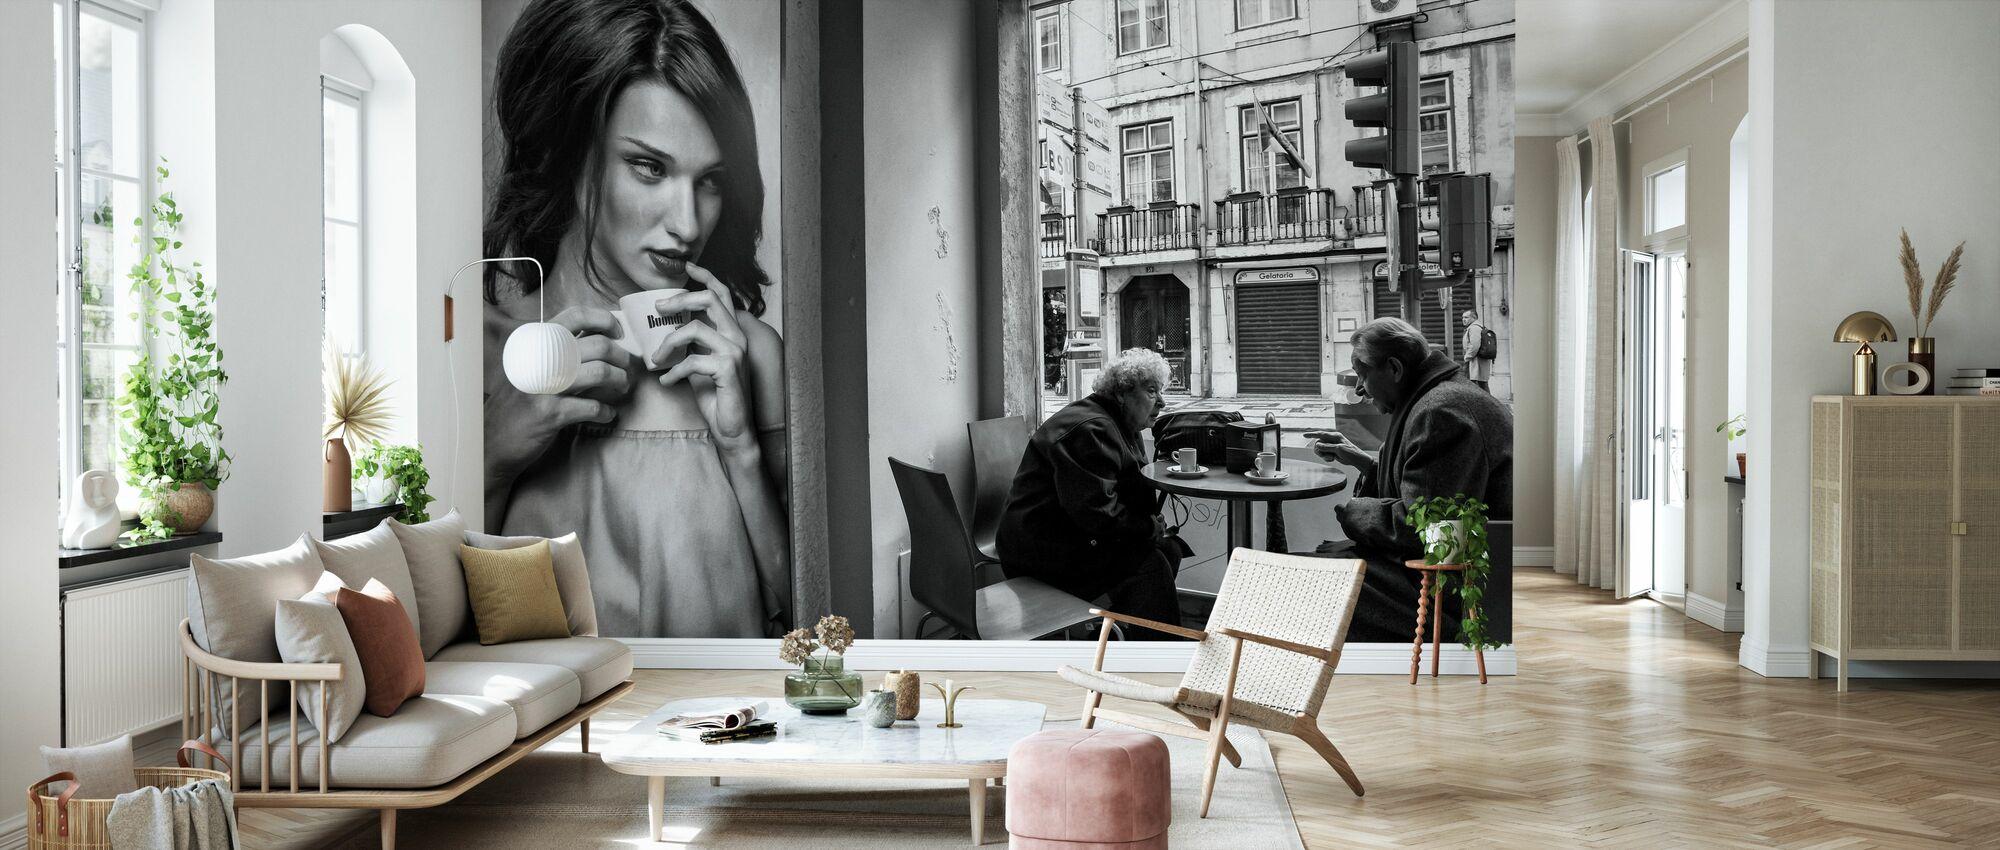 Koffie gesprekken - Behang - Woonkamer